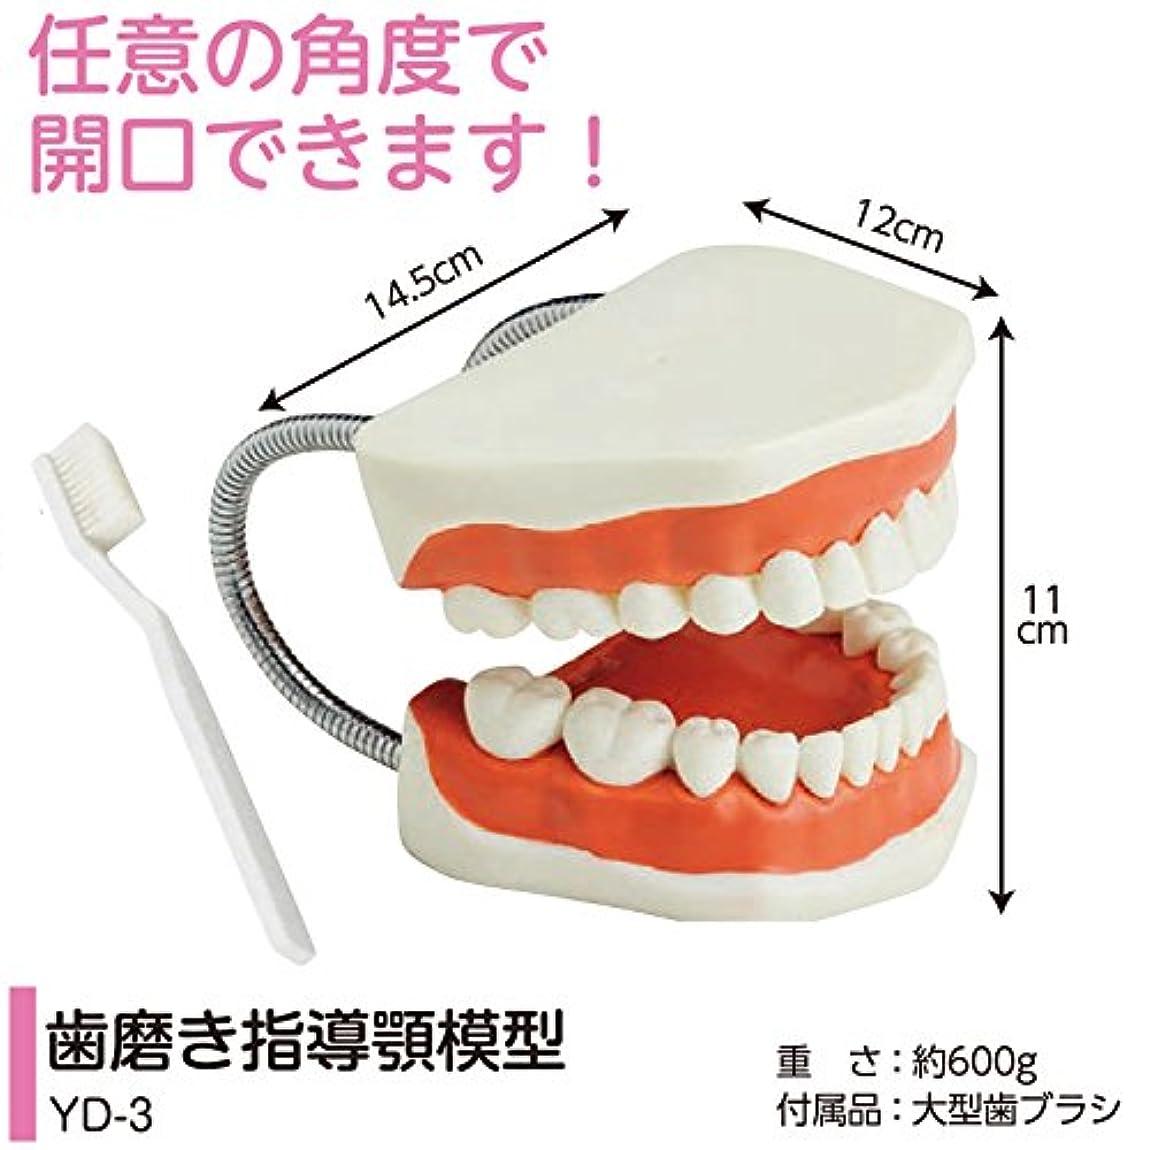 農民一般的に言えば通信する歯磨き指導用 顎模型 YD-3(歯ブラシ付) 軽くて持ちやすい歯みがき指導顎模型